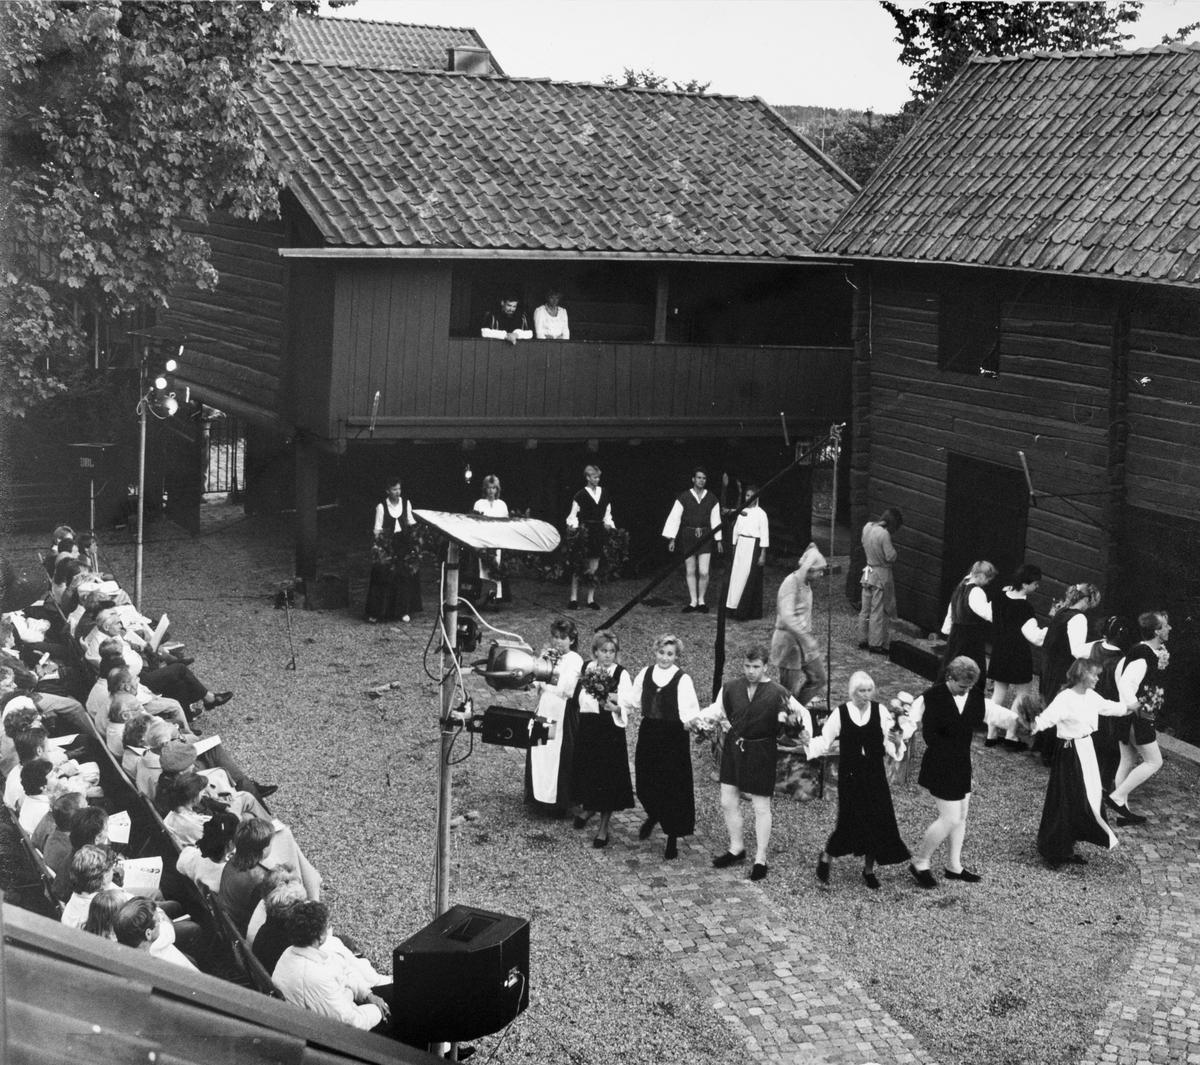 """Giv oss fred, även kallat Arbogaspelet, spelas på museets innegård. Publik och aktörer. På loftgången står Engelbrekt Gertsson, spelad av Stig Eriksson. Aktörerna dansar i ring på gården. På brunnskanten dansar gycklaren /narren spelad av Sven Gustav Petri. Giv oss fred är ett teaterstycke skrivet av Rune Lindström 1961. Handlingen, som är inspirerad av Arbogas klosterhistoria, är förlagt till början av 1500-talet. Uruppförandet skedde den 11 augusti 1962 och Rune Lindström spelade Engelbrekt Gertsson. Lions Club i Arboga stod för arrangemanget. Föreställningarna regnade bort och det blev ett stort ekonomiskt bakslag för föreningen. Spelet har framförts igen; 1987, 1988, 2012 och 2015 av medlemmar i """"Bygdespelets Vänner""""."""